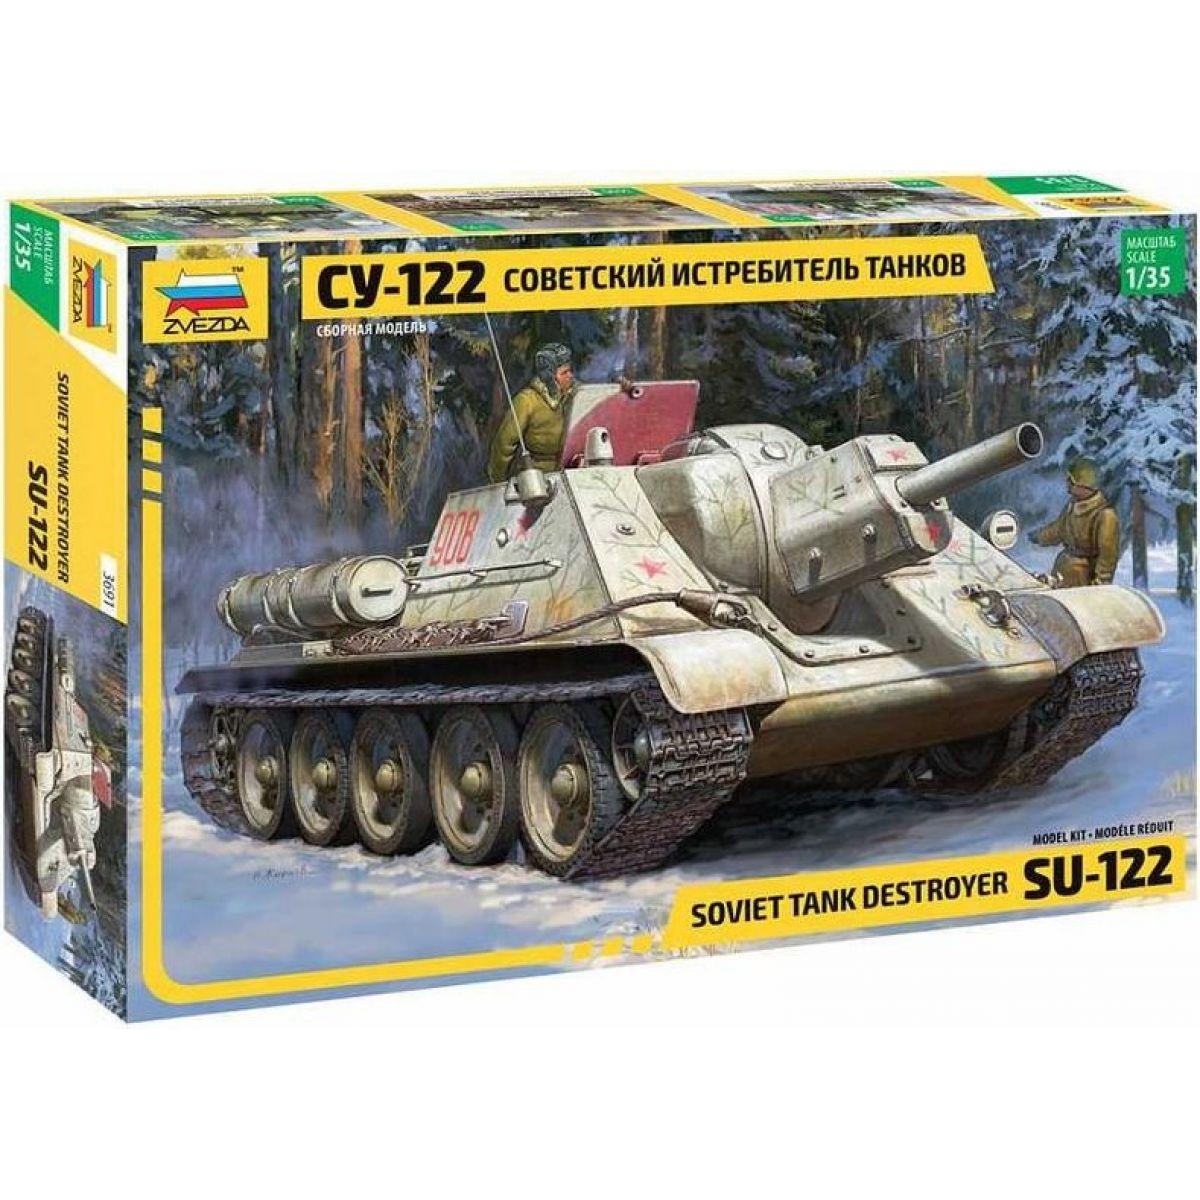 Zvezda Model Kit military Soviet tank Destroyer SU-122 1:35